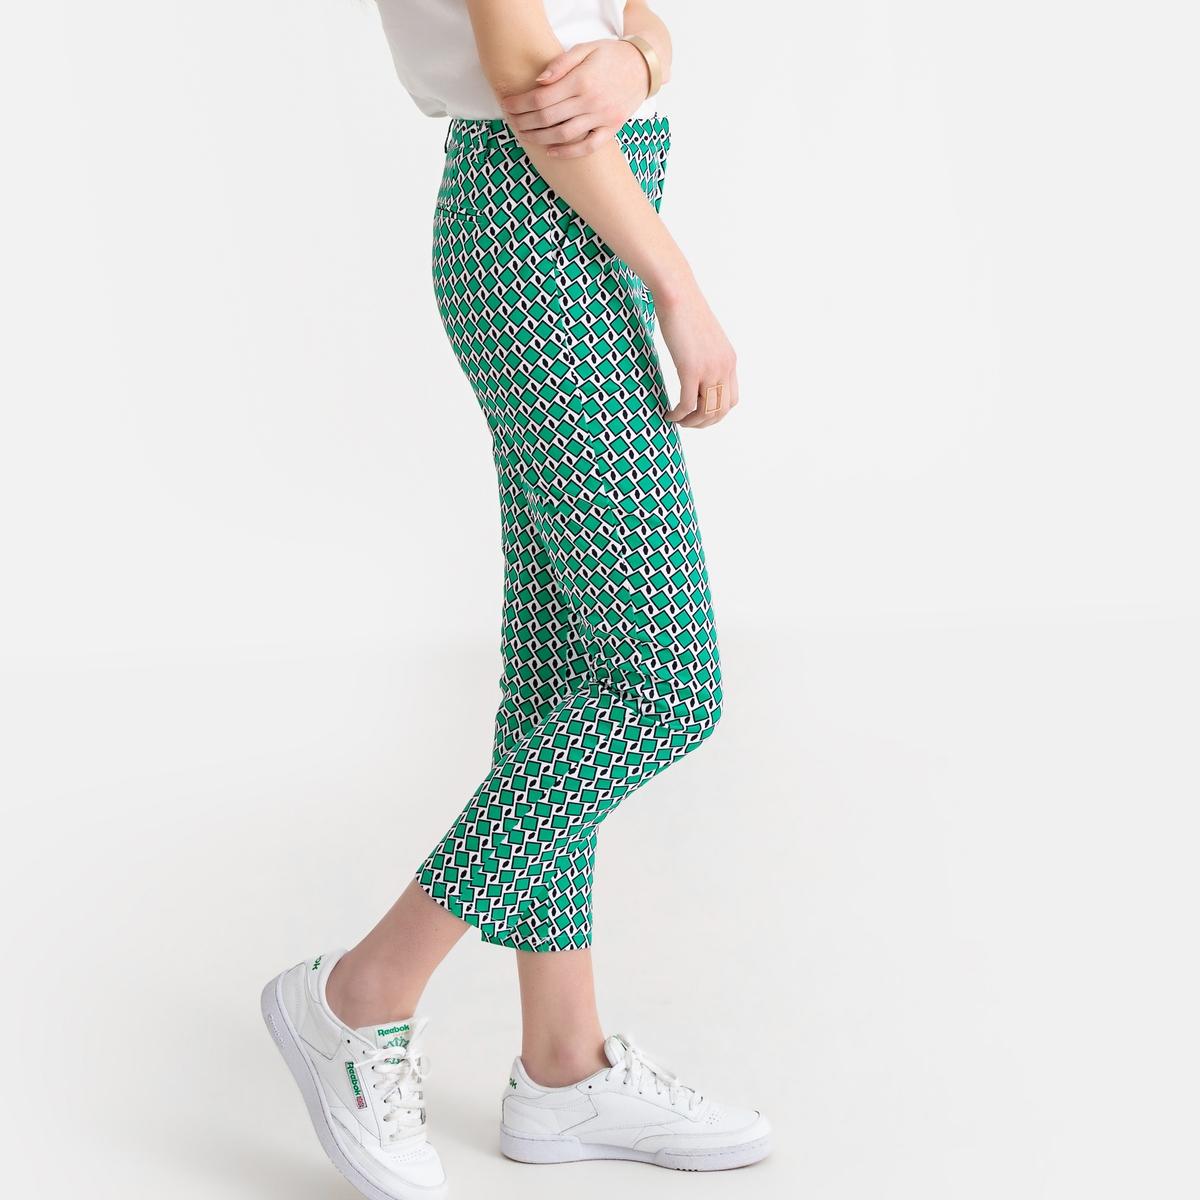 Брюки La Redoute Узкие с графическим рисунком 34 (FR) - 40 (RUS) зеленый брюки la redoute узкие дудочки с жаккардовым рисунком 50 fr 56 rus черный